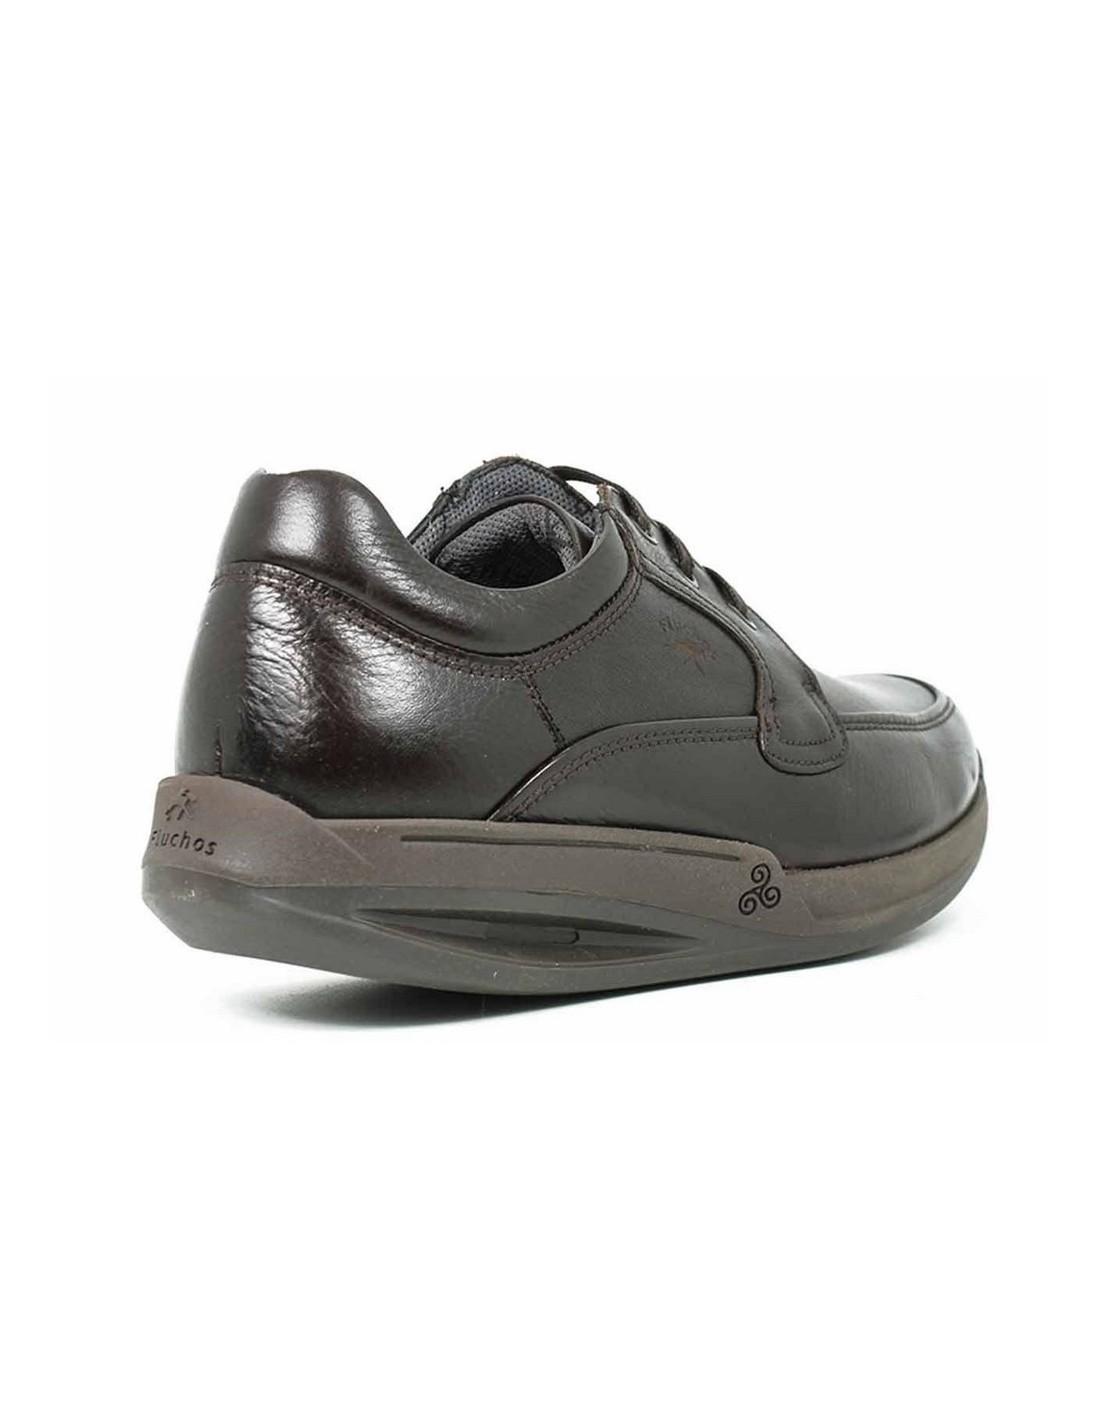 Fluchos C Rivera Piso Calzados Caballero Zapato Balancin E2YIeWHbD9